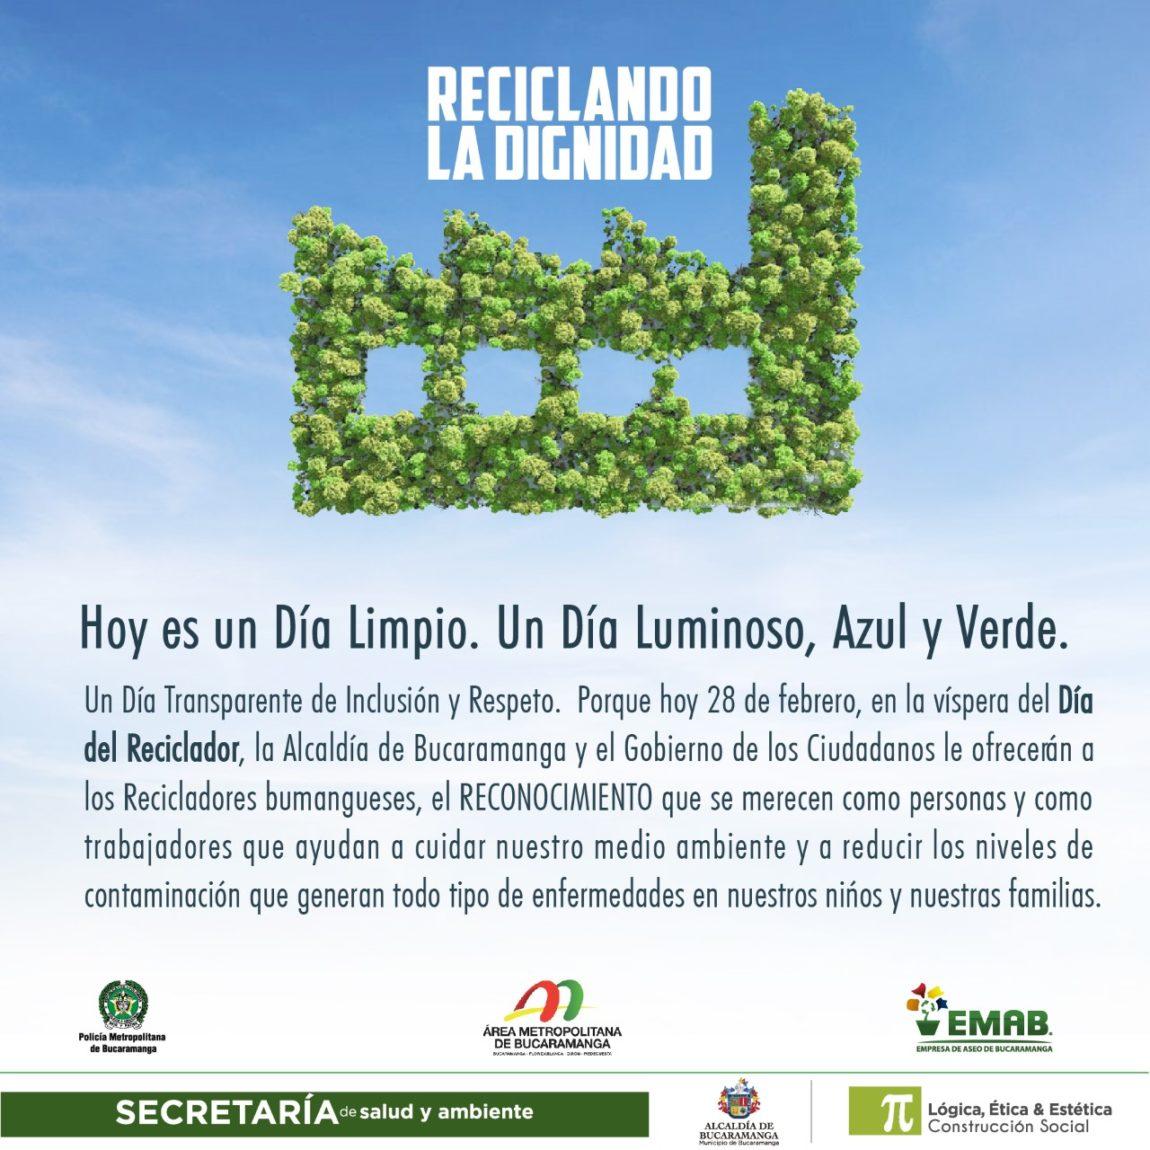 Reconocemos la labor de quienes ayudan a construir una Bucaramanga limpia